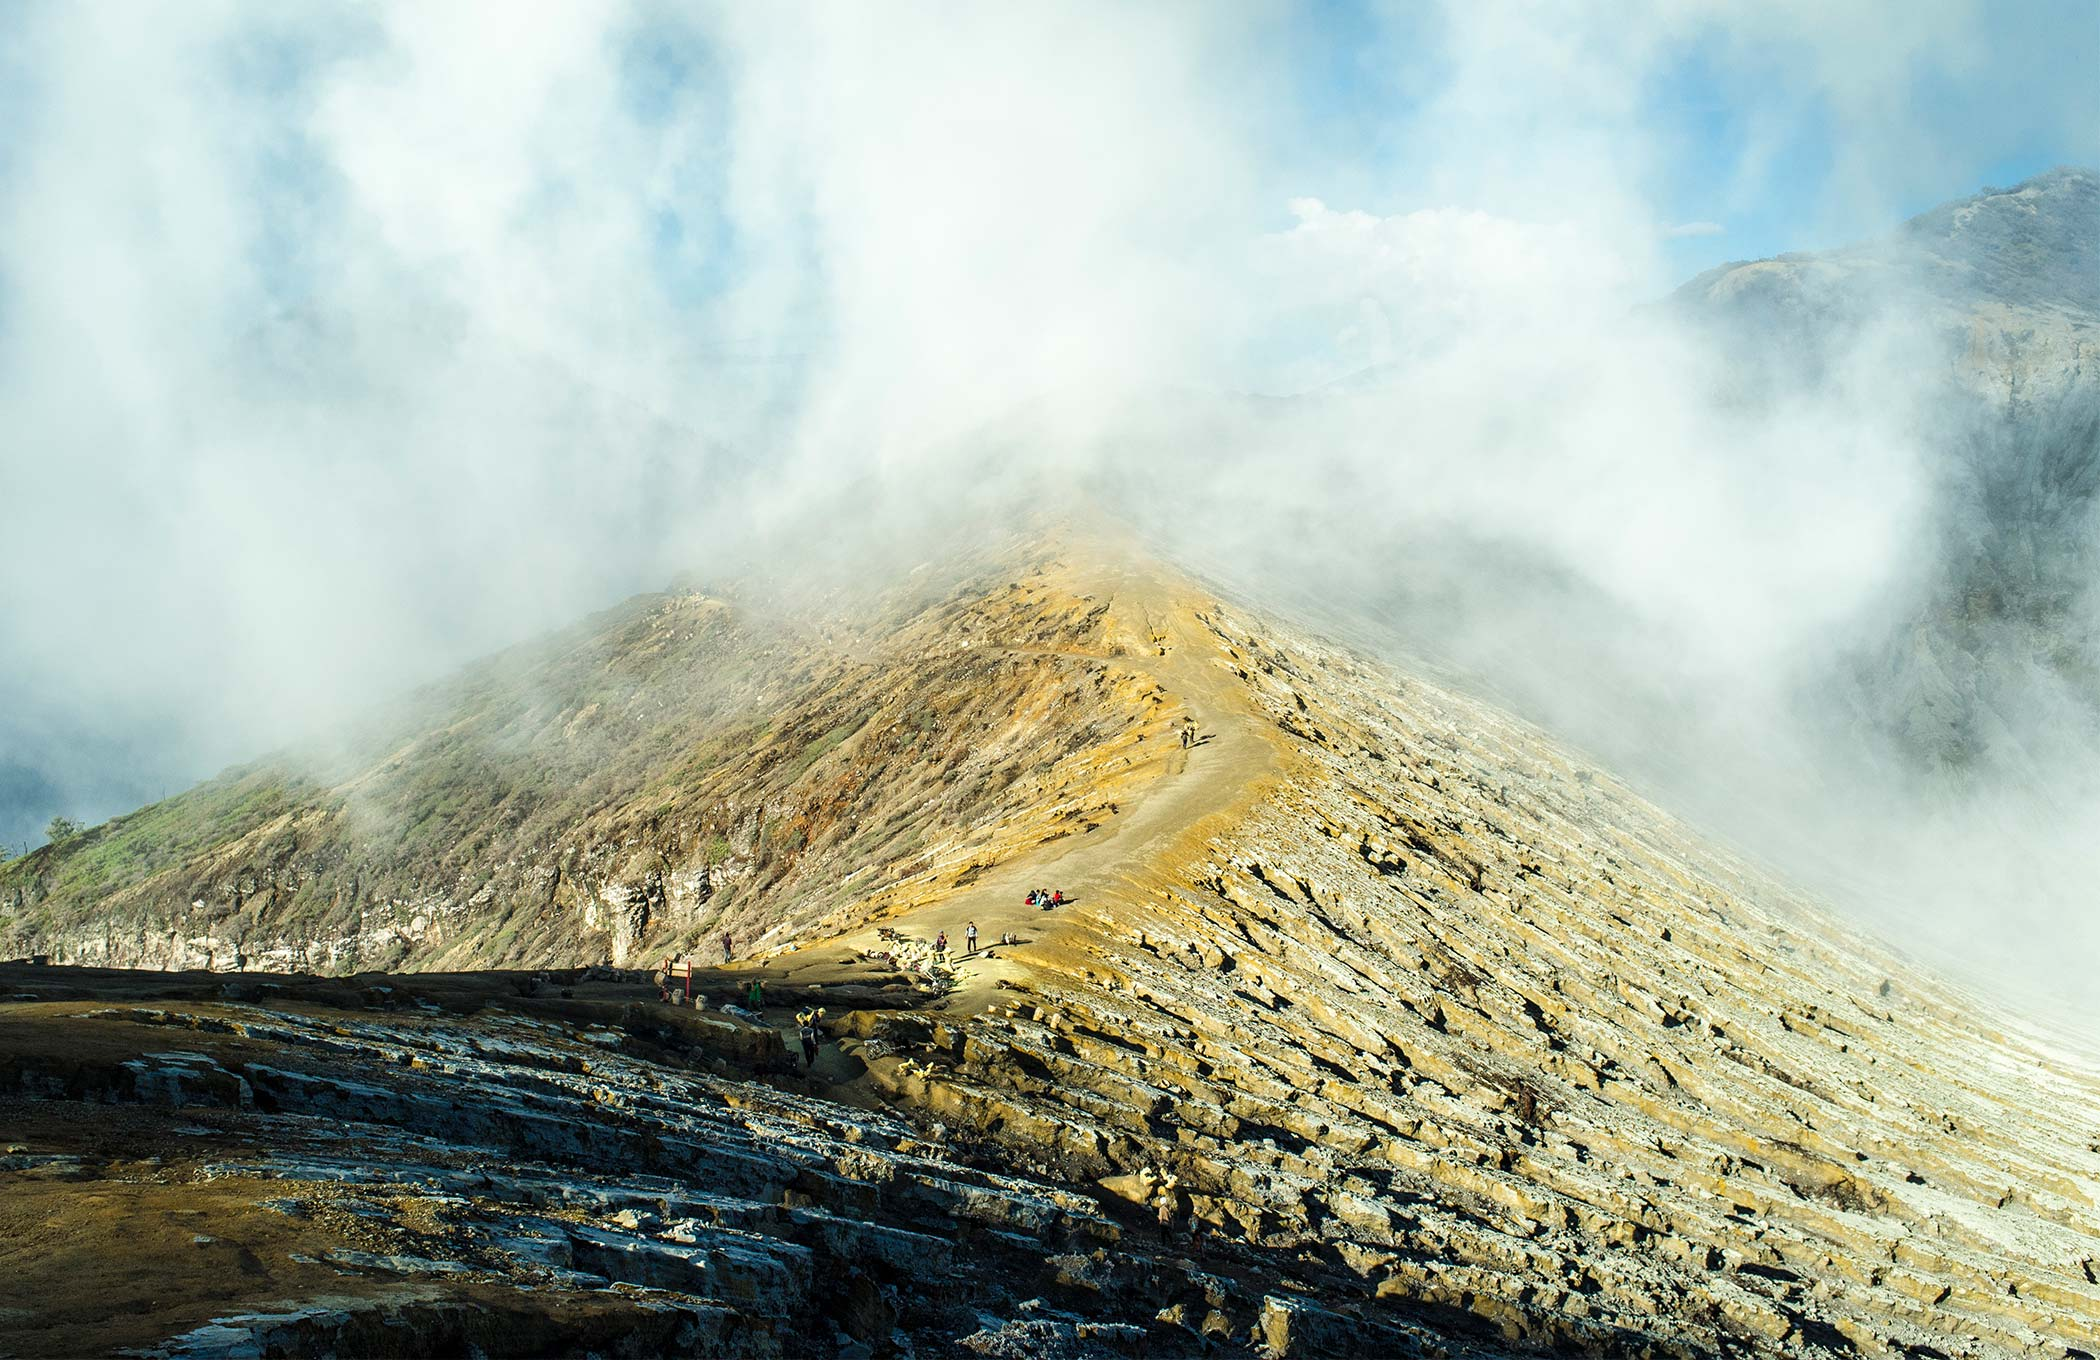 Smoke envelops the crater ridge.